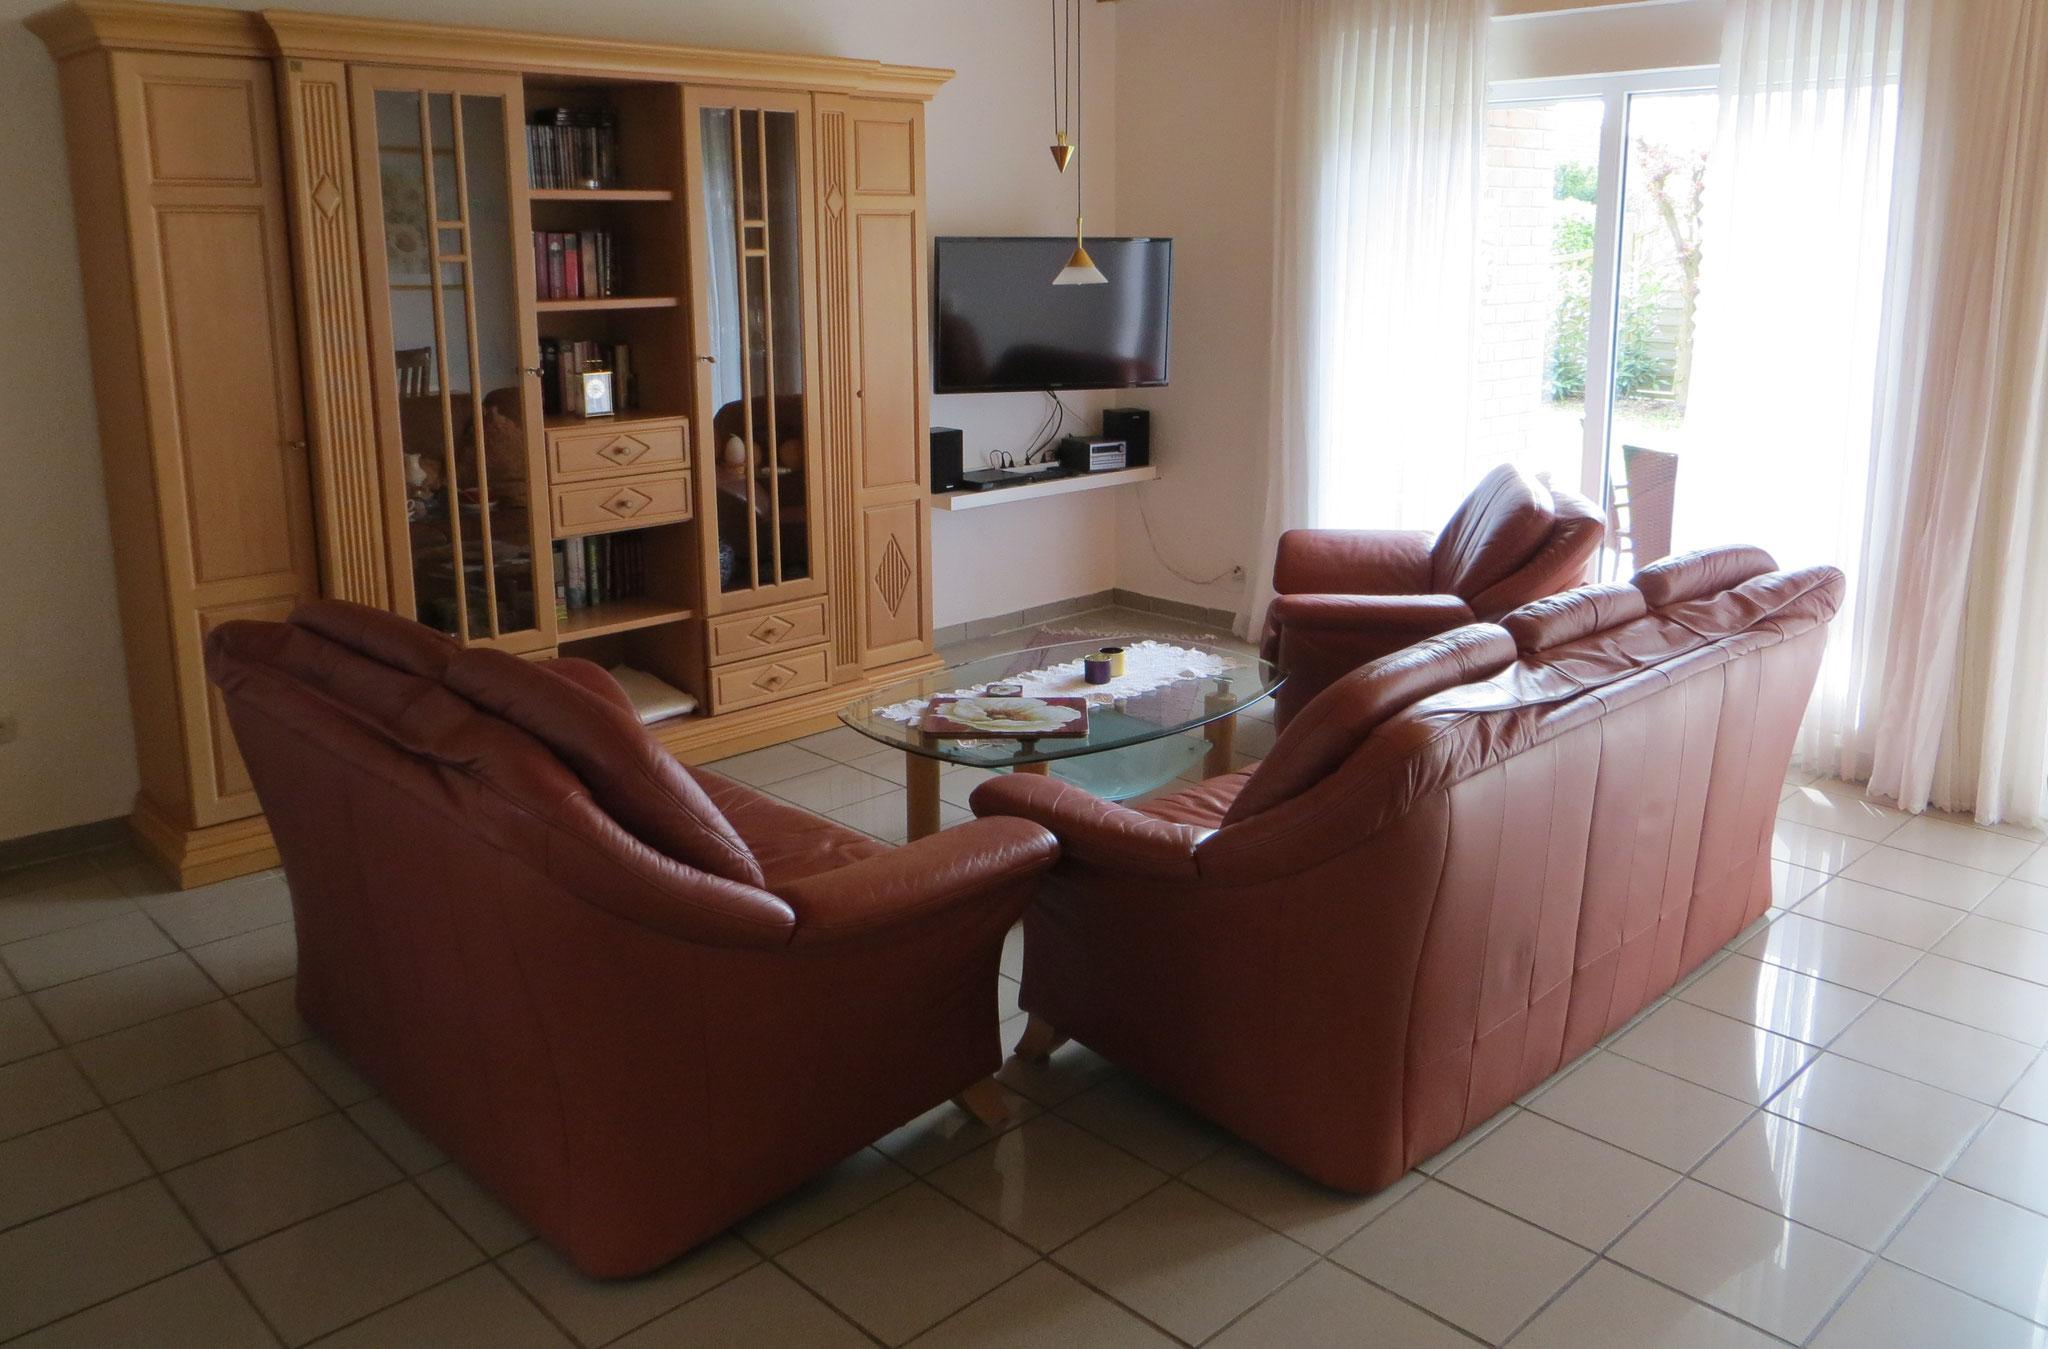 Sitzgarnitur im Wohnbereich